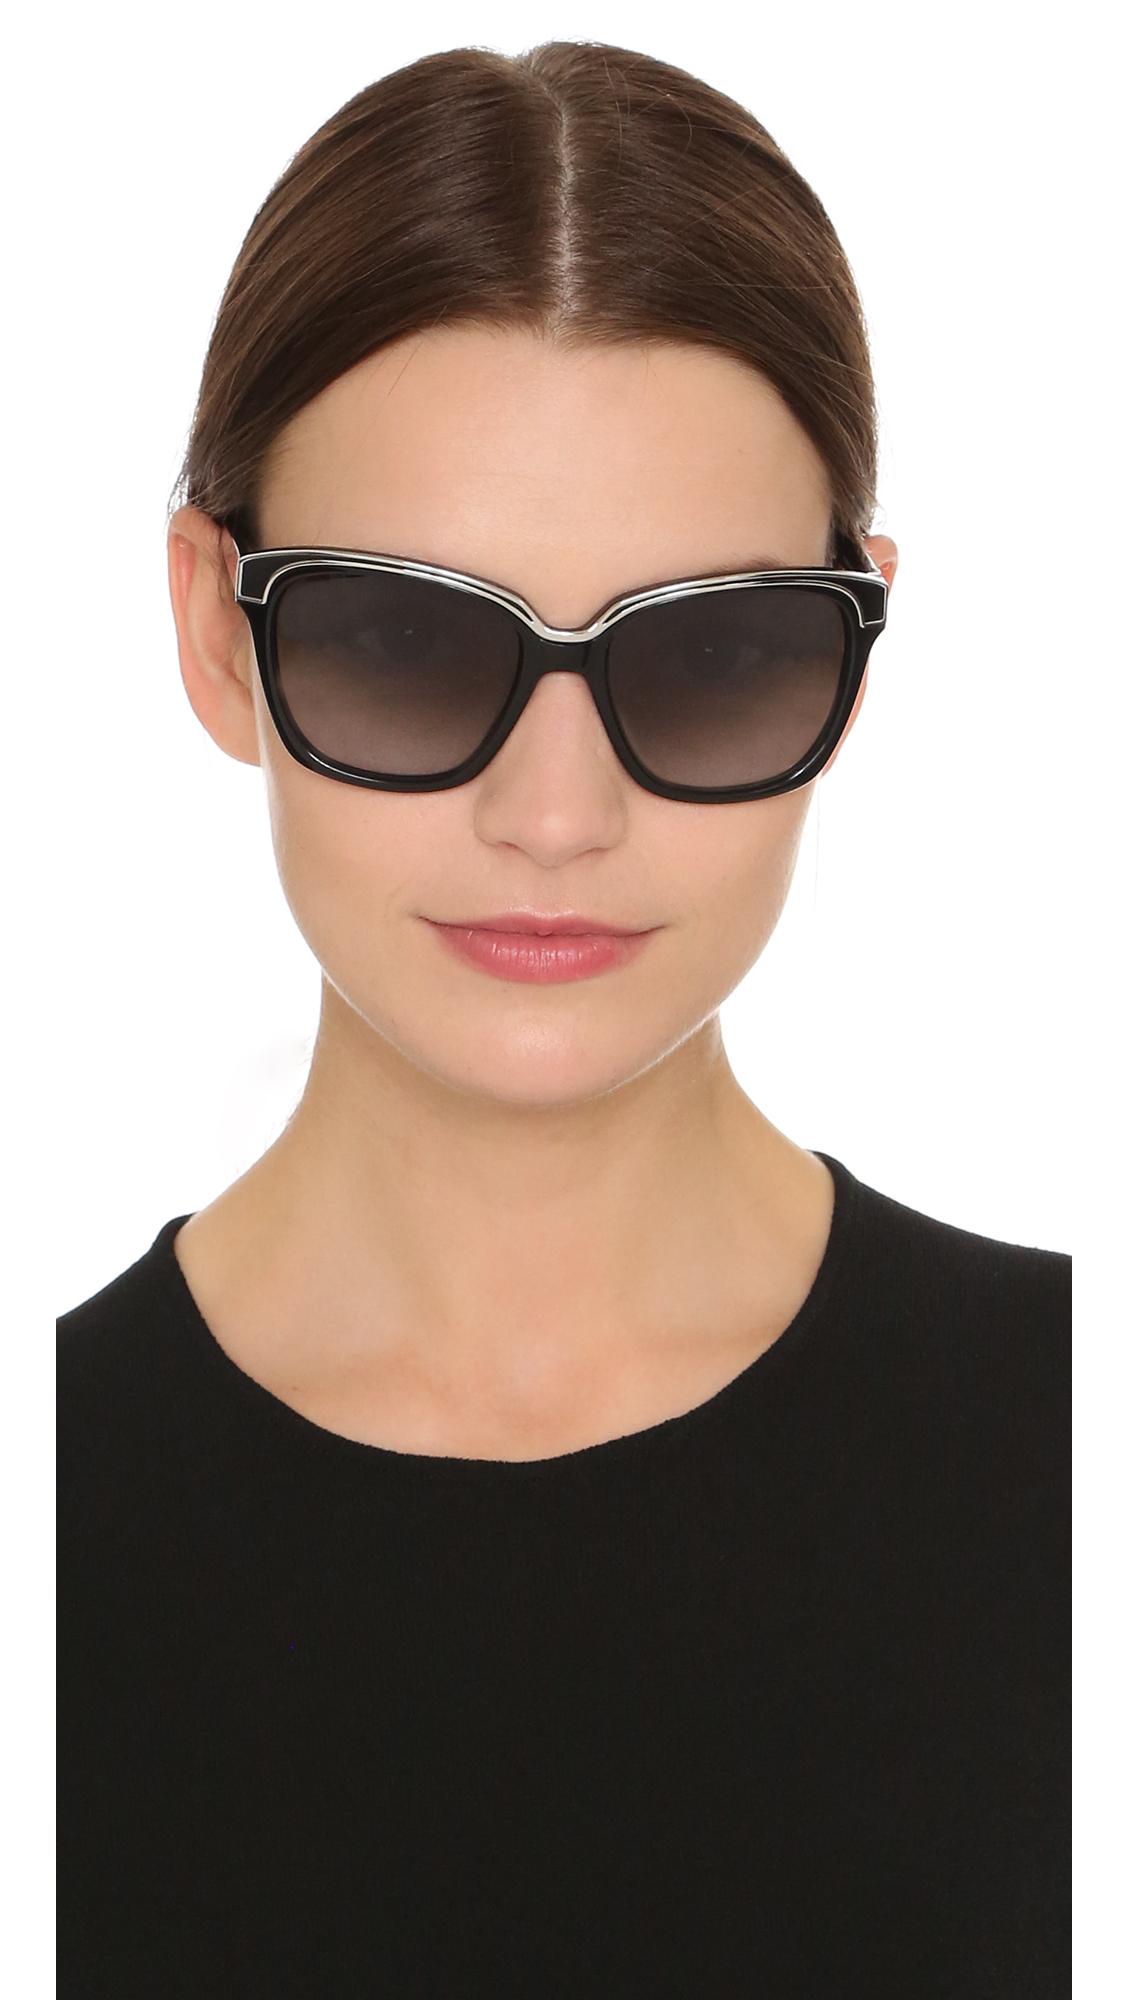 b04c5a392 Diane von Furstenberg Kylie Sunglasses | SHOPBOP